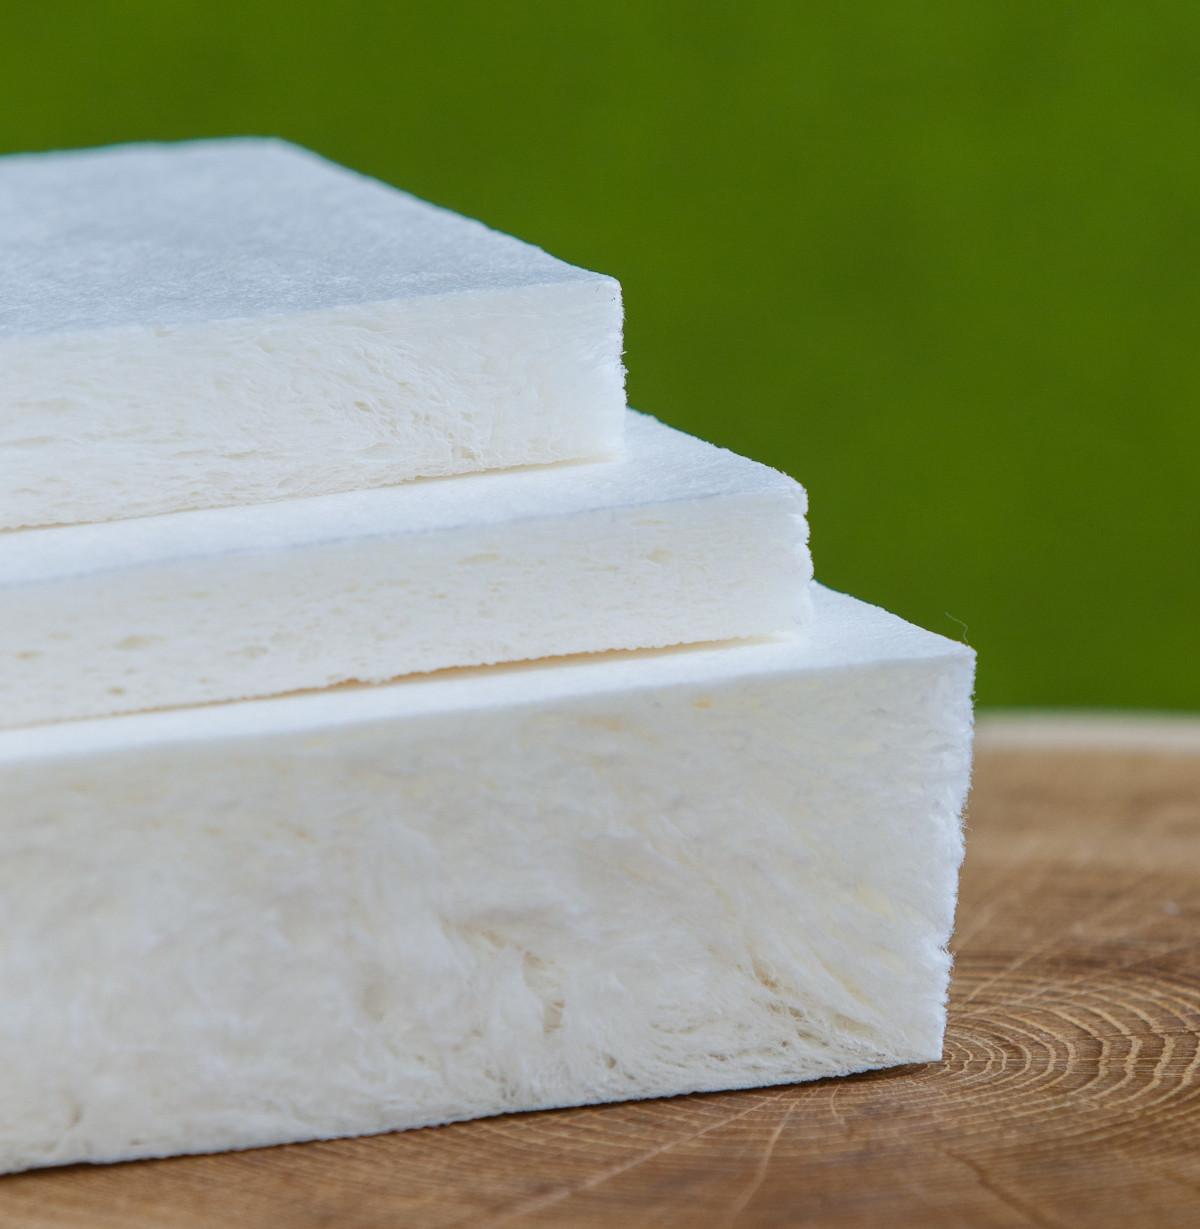 Stora Enso построит установку для производства пены на биологической основе для упаковки